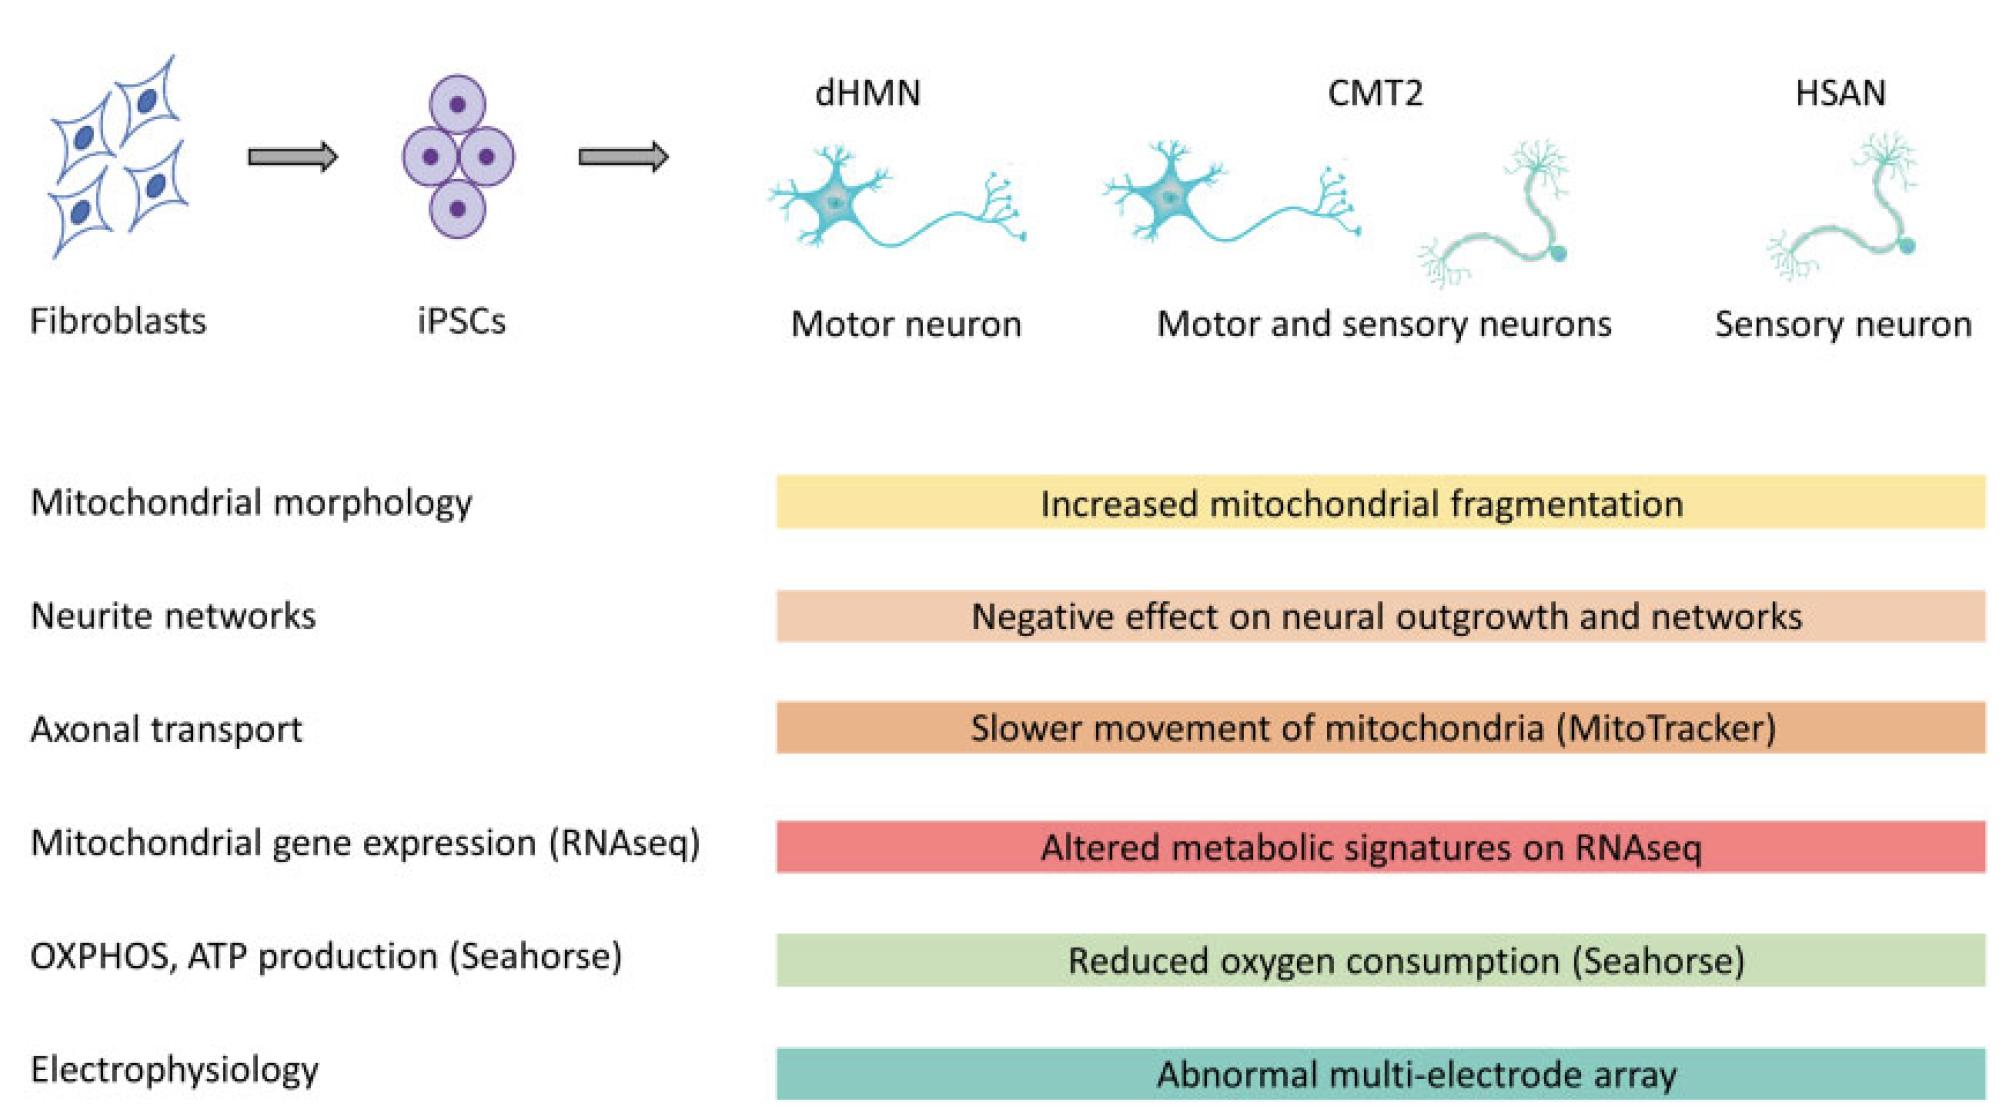 Figuur 1 IPSC-afgeleide humane neuronen in patiënten met verschillende genetische vormen van CMT2, dHMN en HSAN belemmeren de functie van motorische en/of sensorische neuronen door het veranderen van gemeenschappelijke routes, zoals mitochondriale fragmentatie, neuriet uitgroei, bewegingen van mitochondriën langs axonen, cellulaire metabolisme, zuurstofverbruik en elektrofysiologische kenmerken.